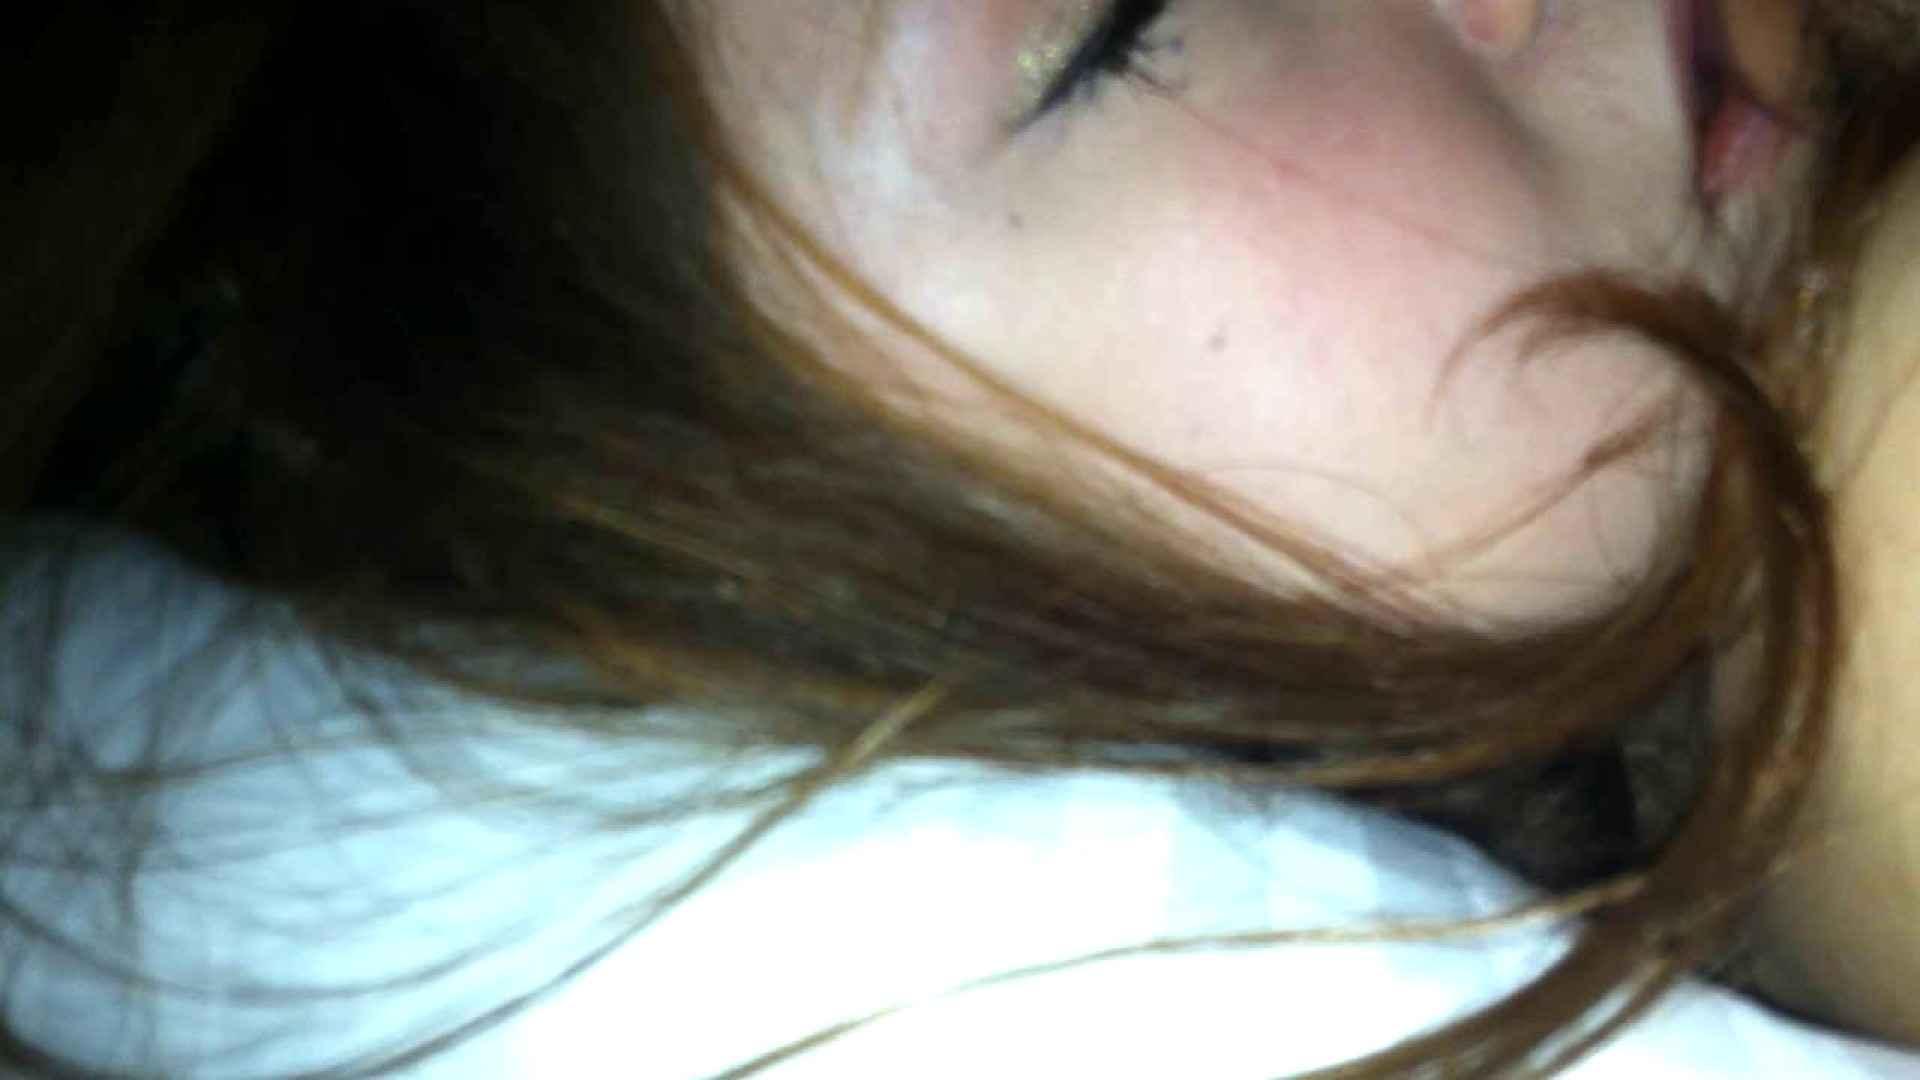 魔術師の お・も・て・な・し vol.11 19歳女子大生にホテルでイタズラ 前編 悪戯 のぞき動画キャプチャ 96画像 68